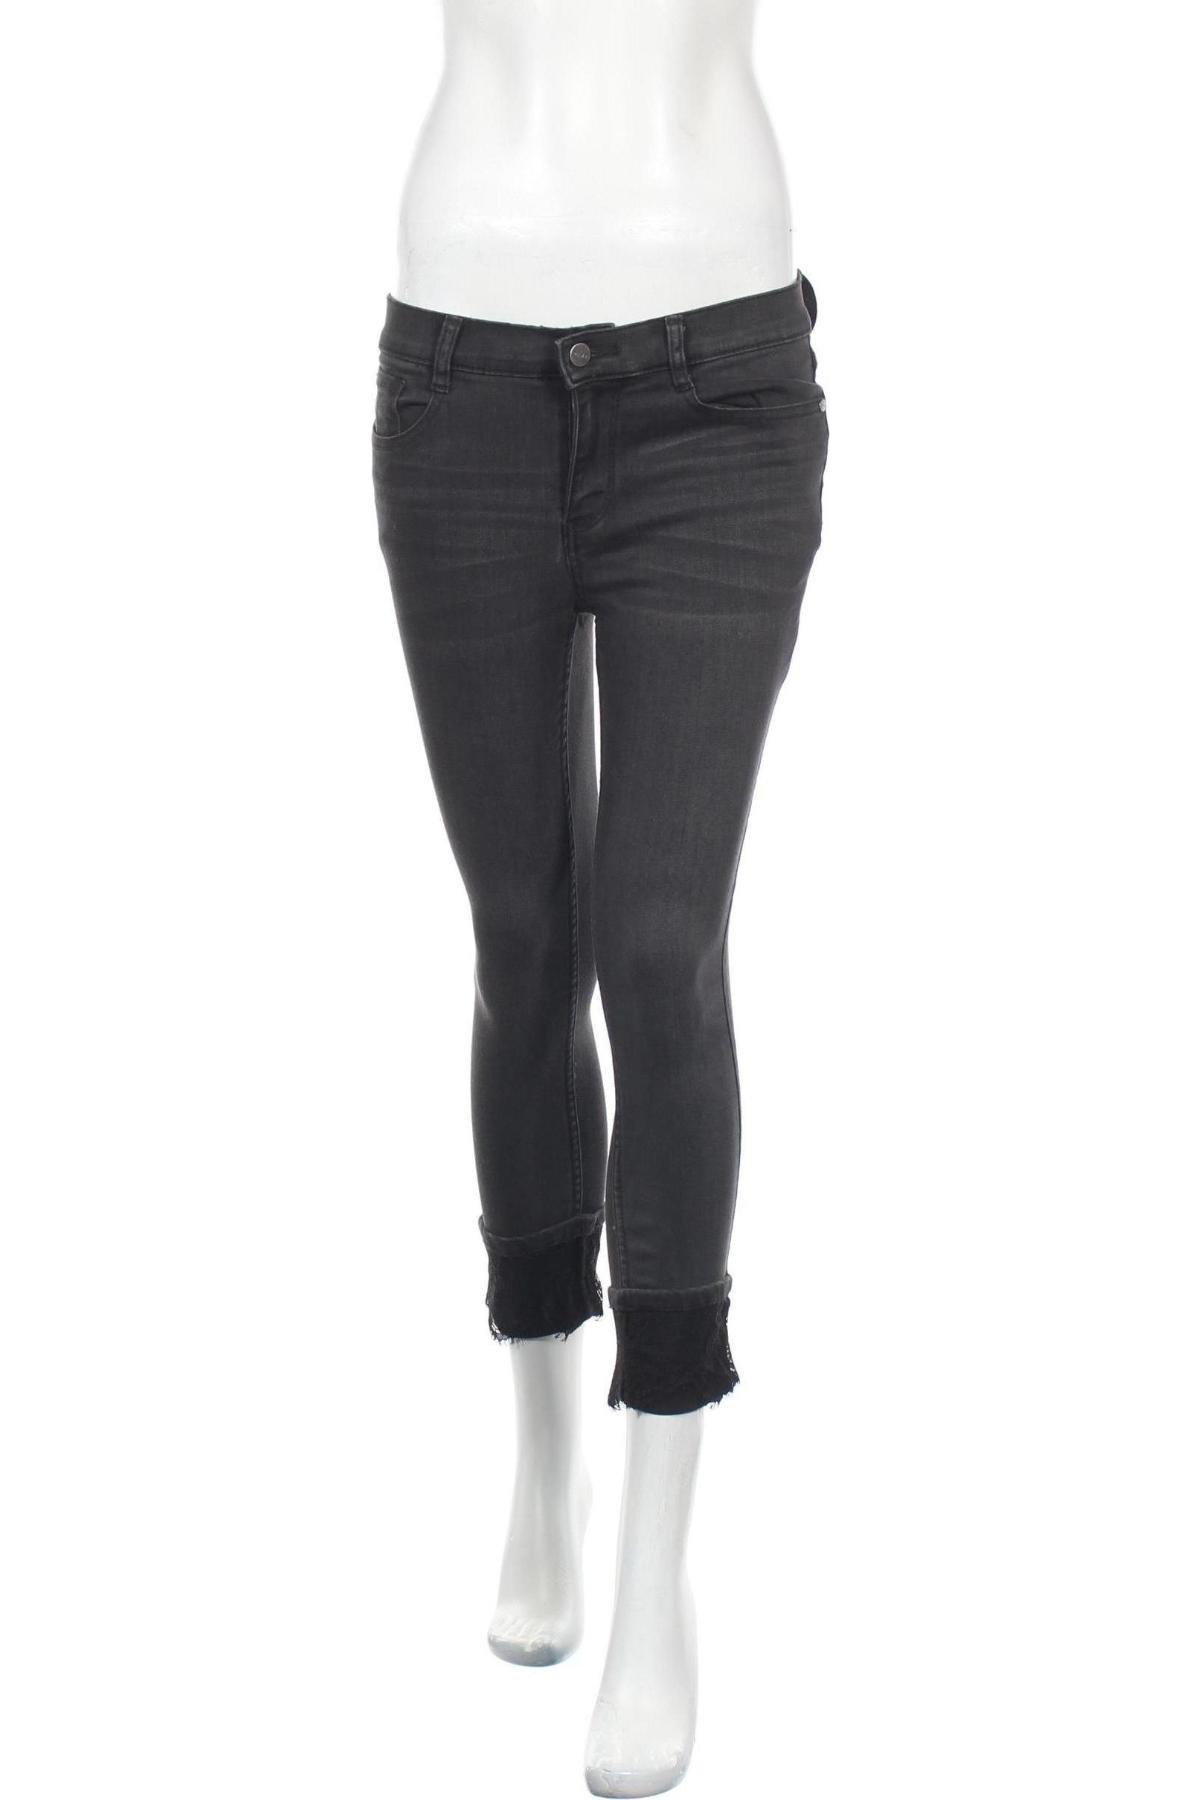 Дамски дънки DKNY, Размер S, Цвят Сив, 80% памук, 18% полиестер, 2% еластан, Цена 97,90лв.